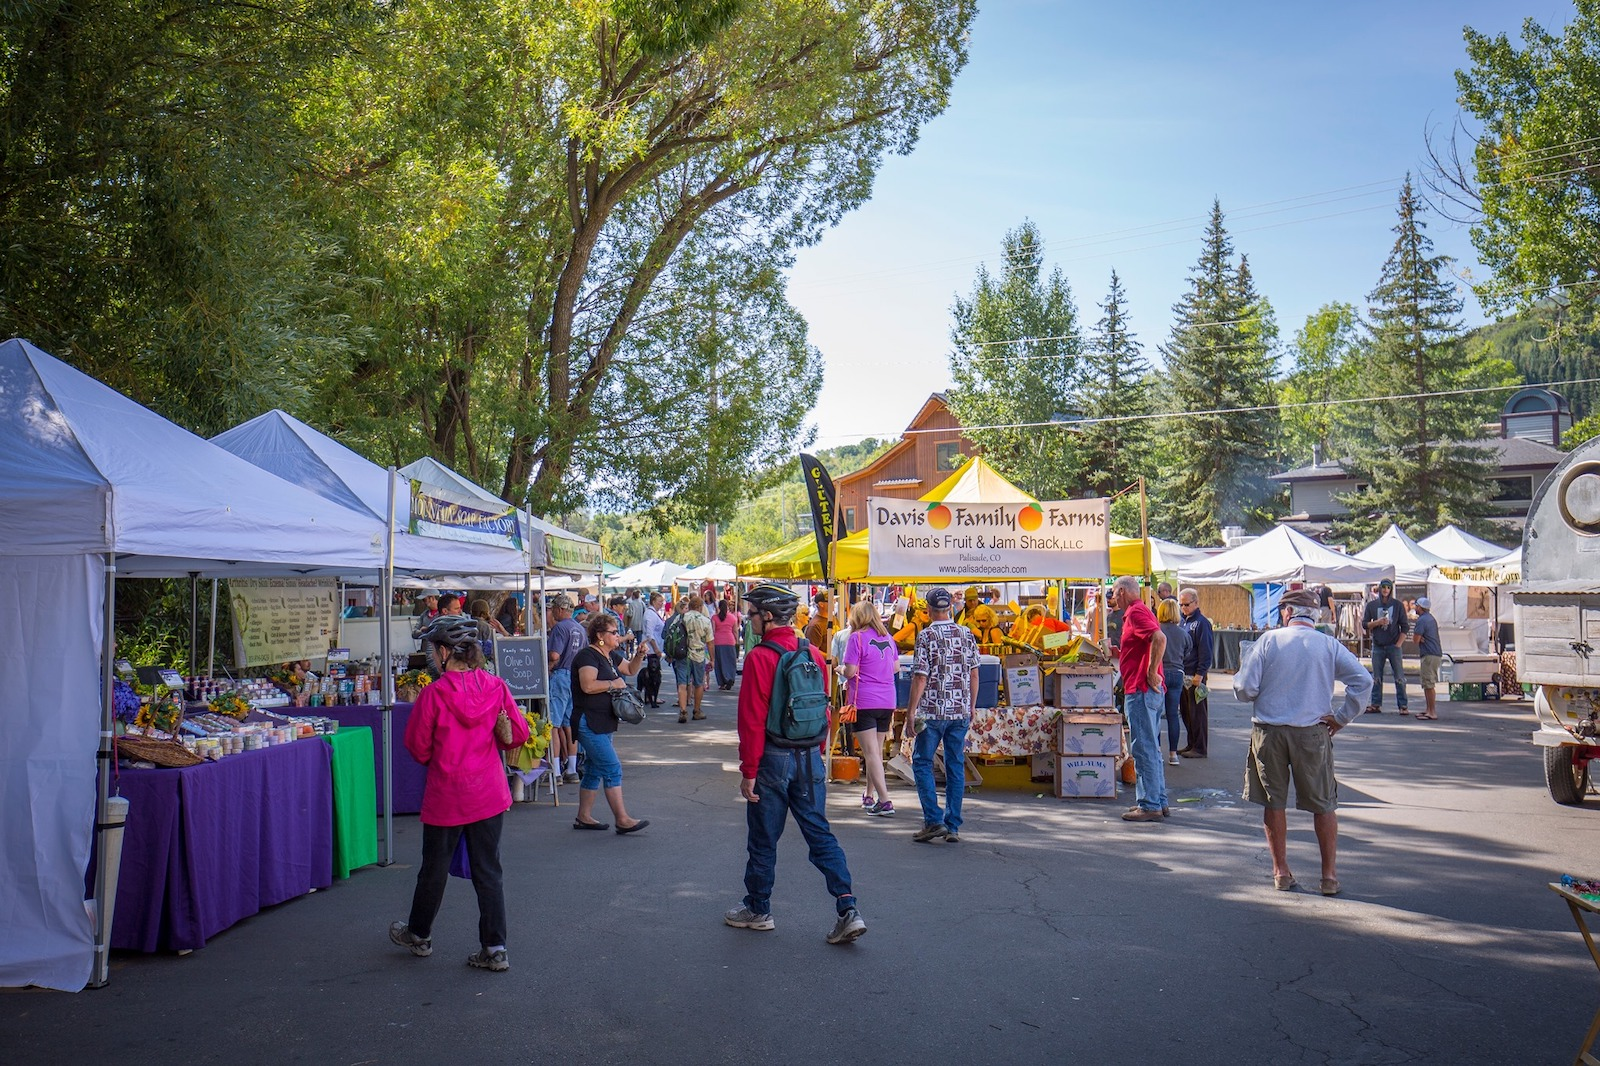 Gambar orang di Steamboat Springs Farmer's Market di Colorado